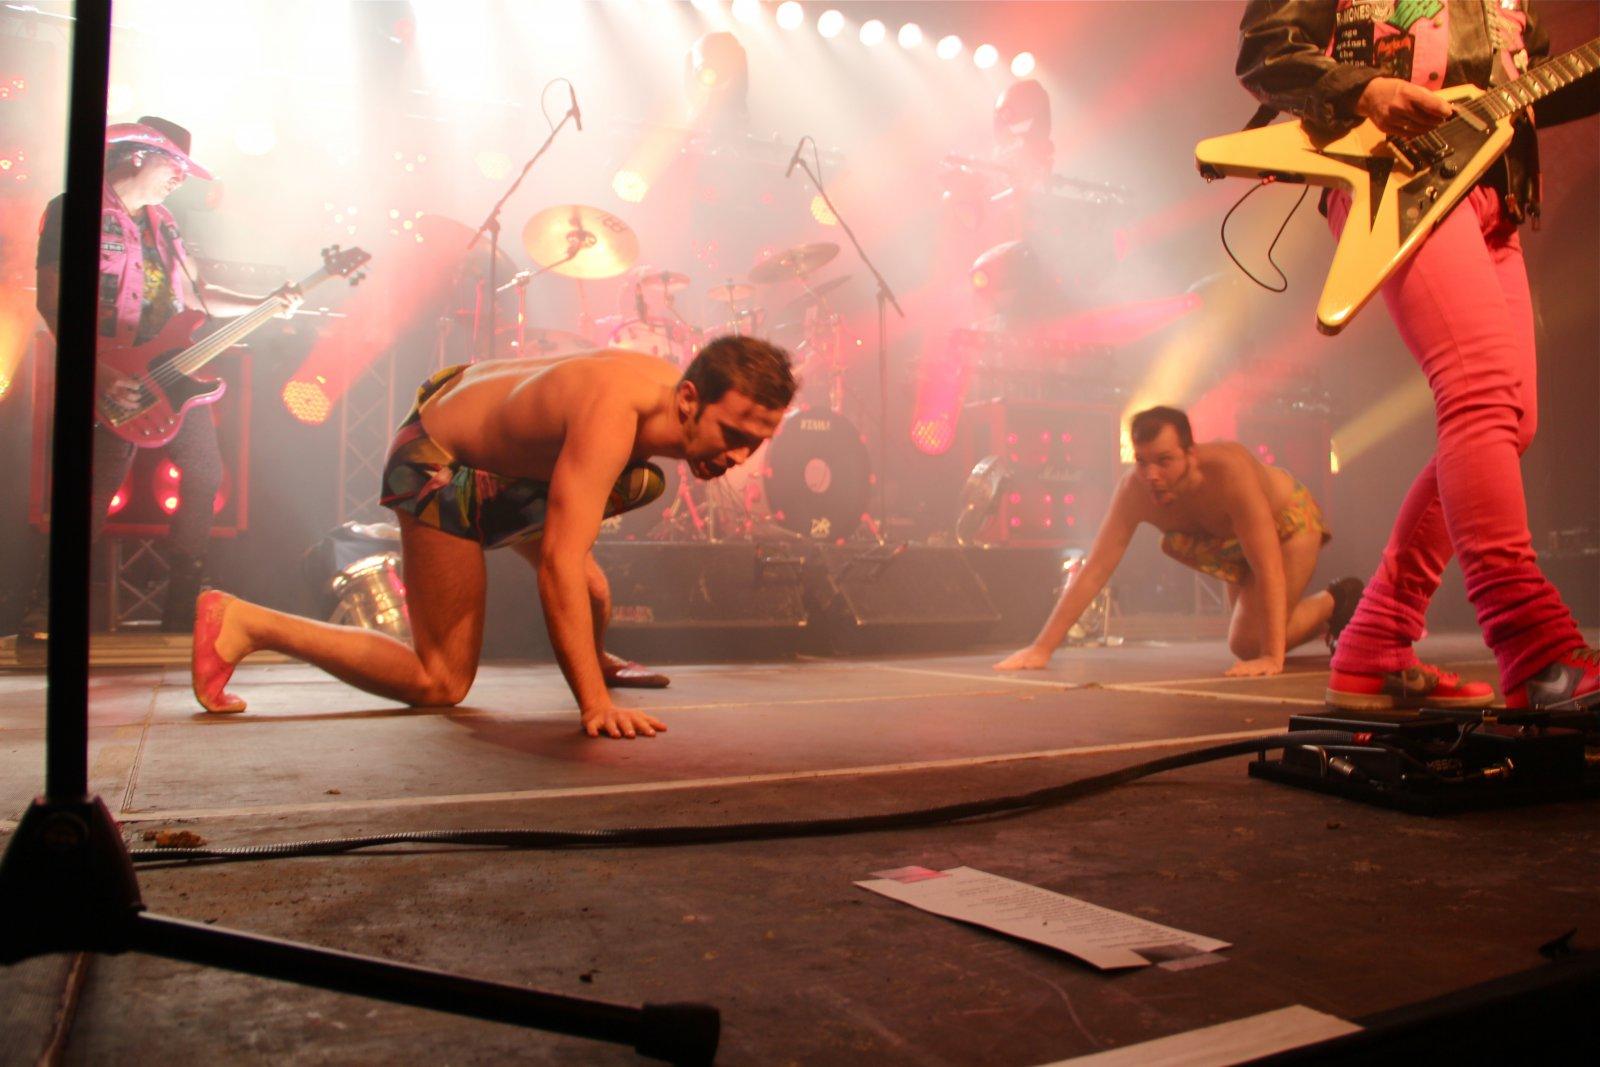 050 - J.B.O. @ Reithalle Dresden, 09.12.2011 - Foto von Andrea Jaeckel-Dobschat